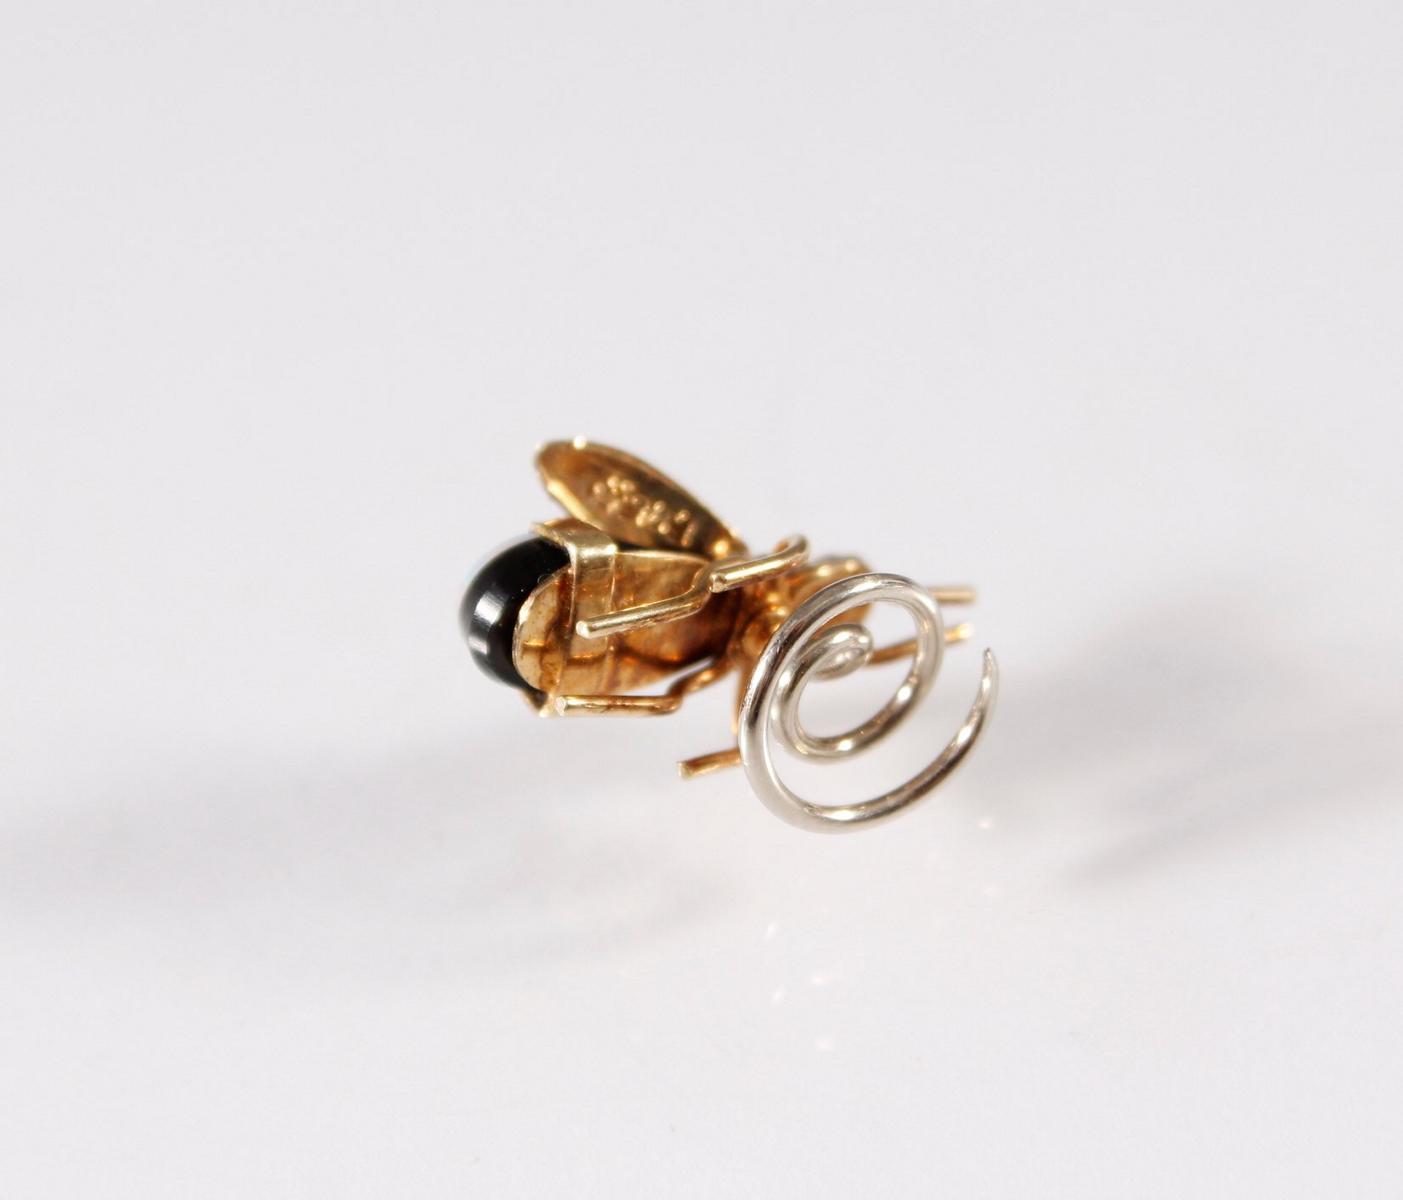 Kleines Schmuckstück in Form einer Fliege, 18 Karat Gelb- und Weißgold-3